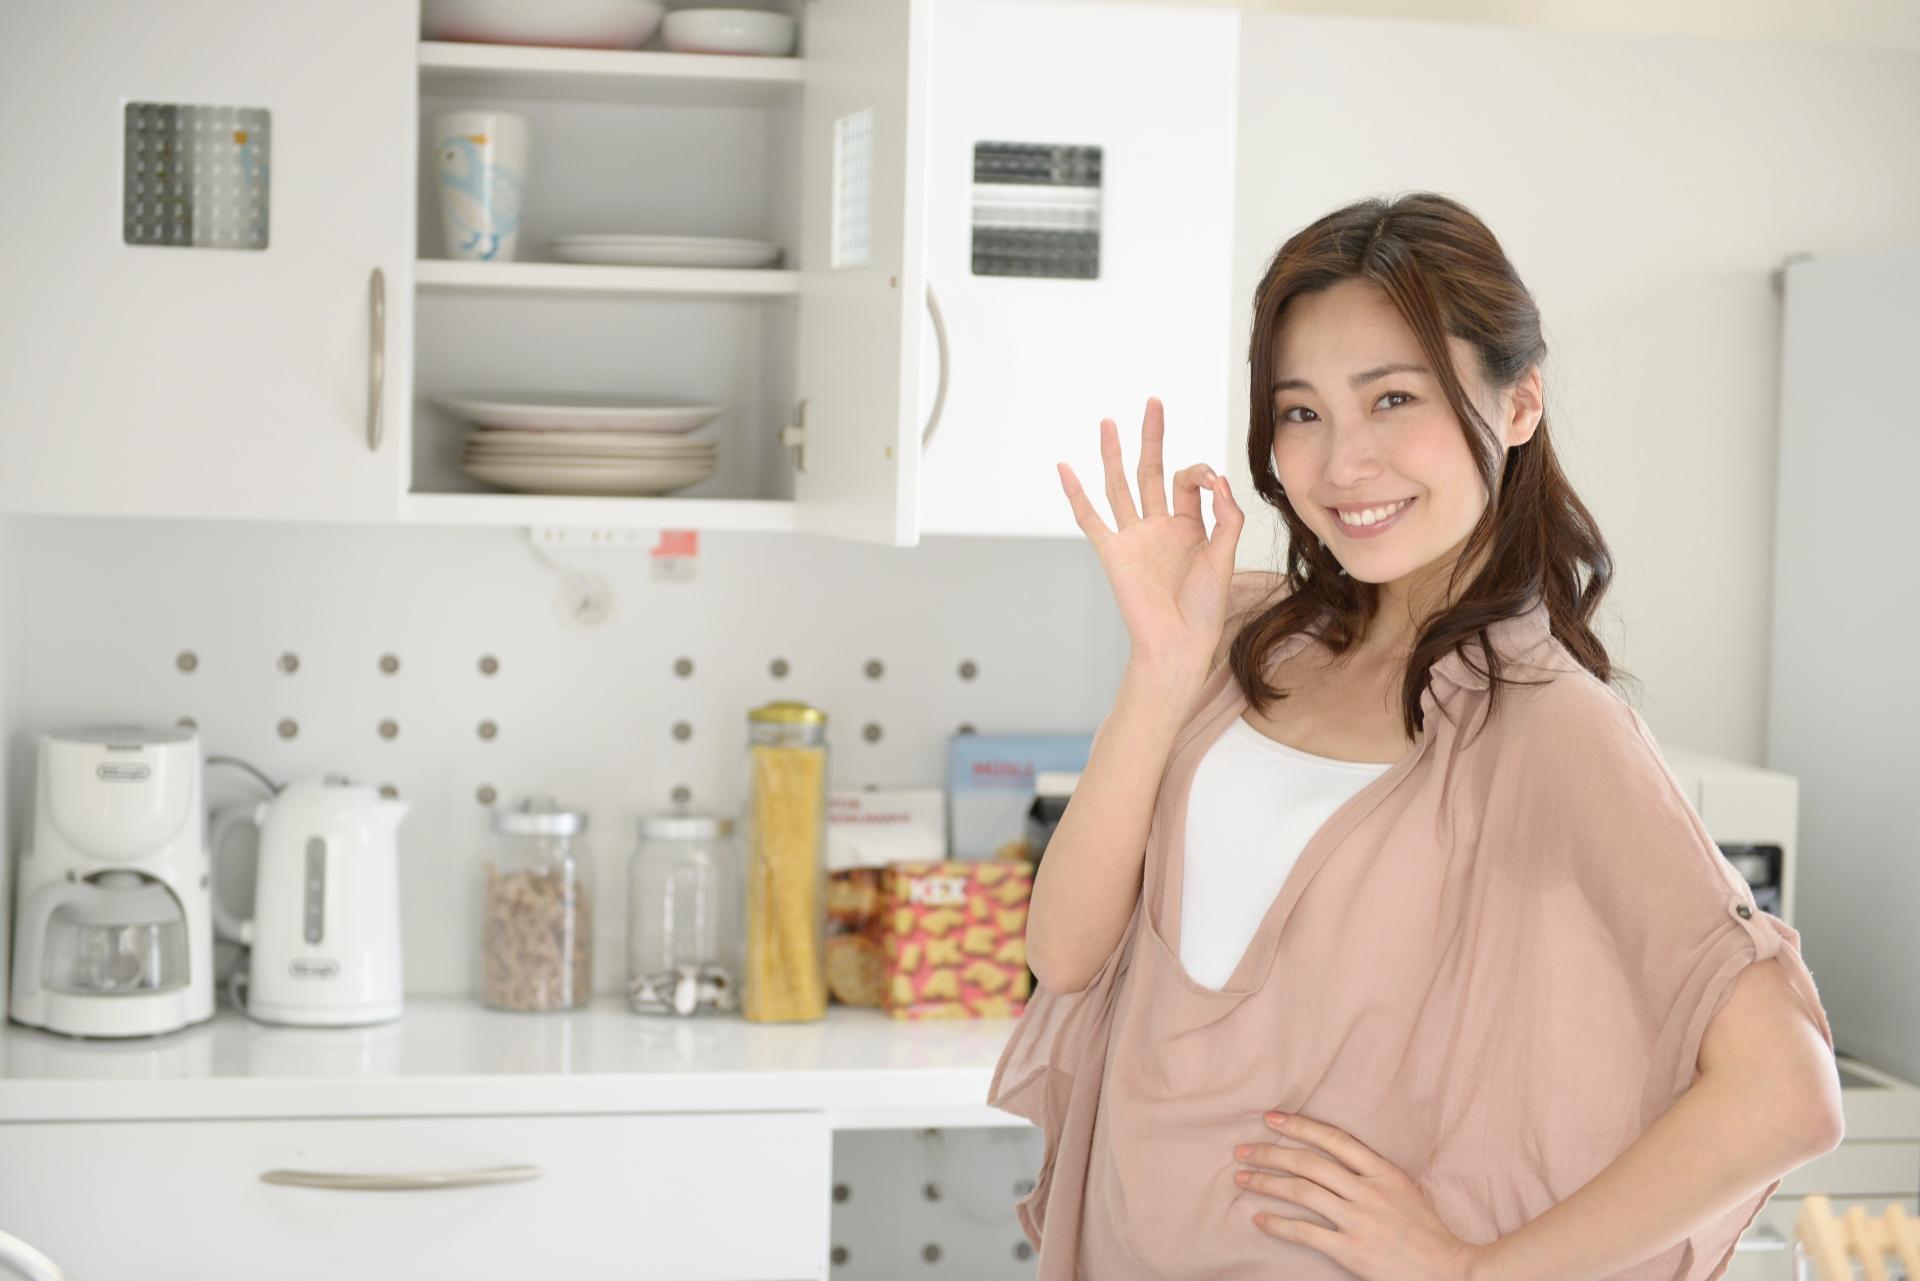 キッチンに立つ女性